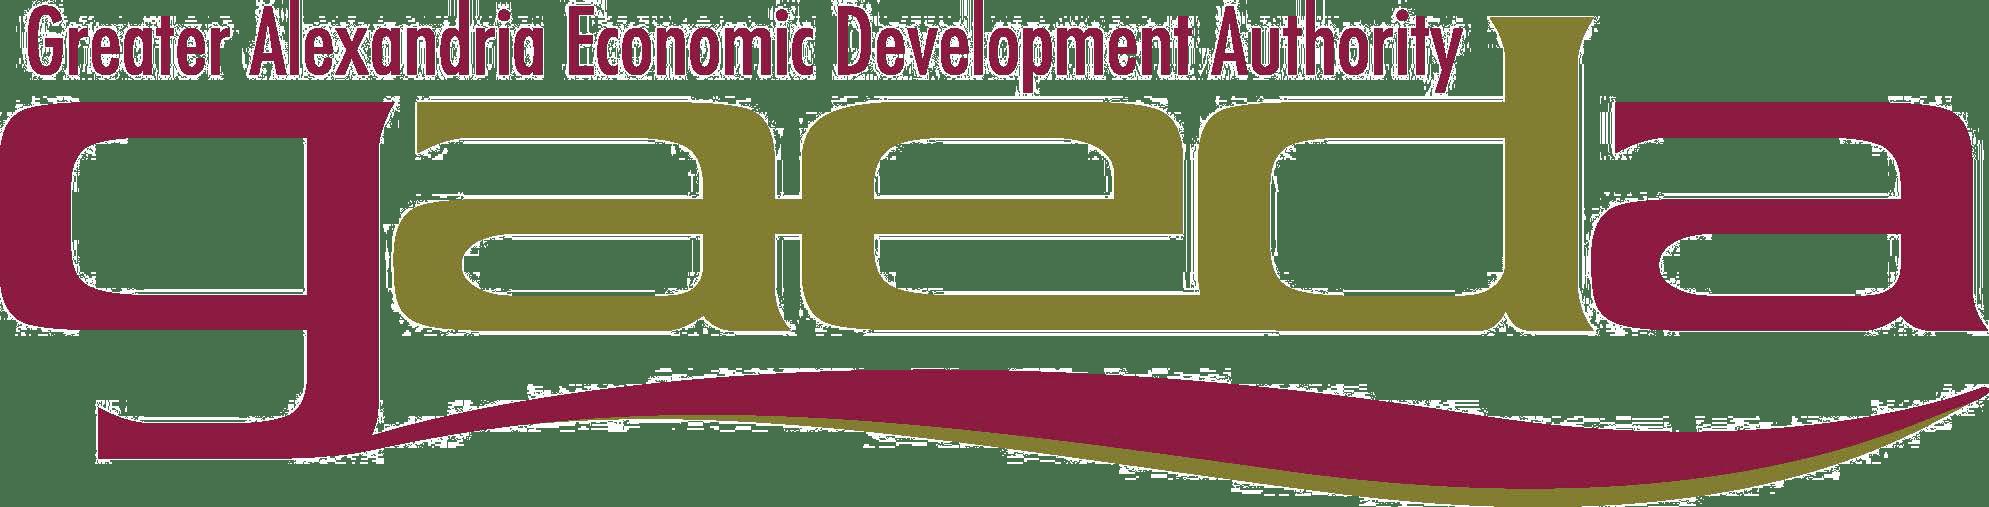 GAEDA - Greater Alexandria Economic Development Authority